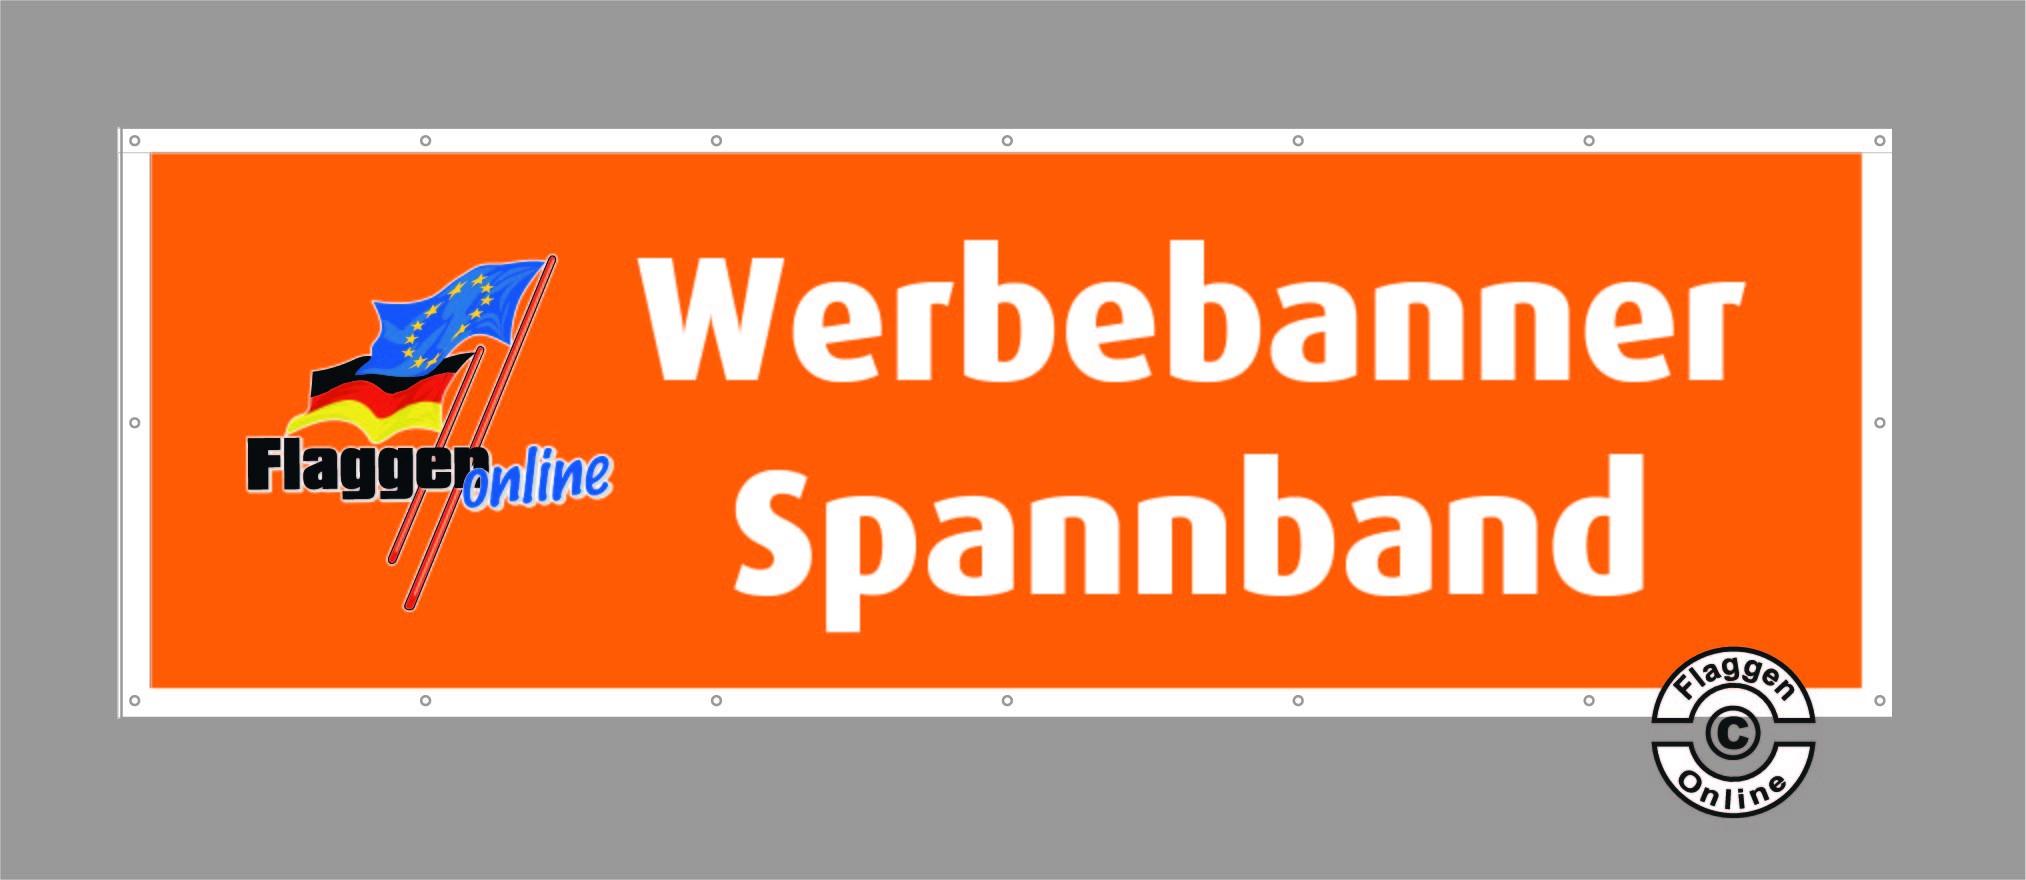 Spannband / Werbebanner 80 x 400cm